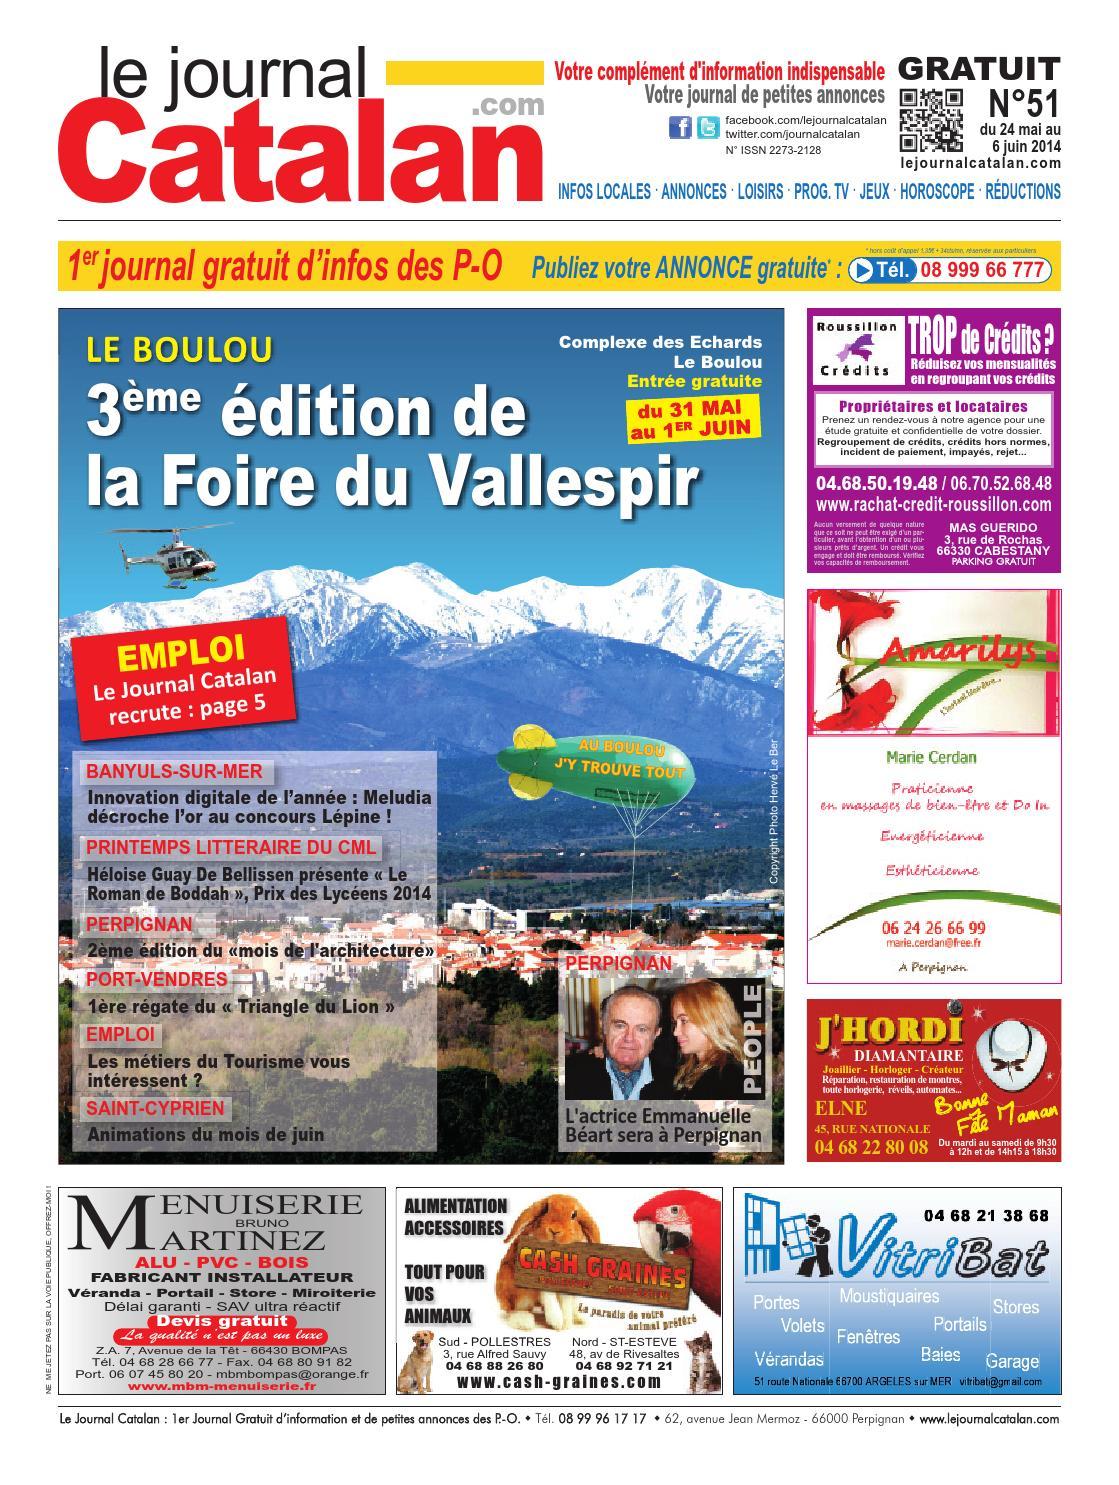 Le Journal Catalan N51 Premier Journal Gratuit D